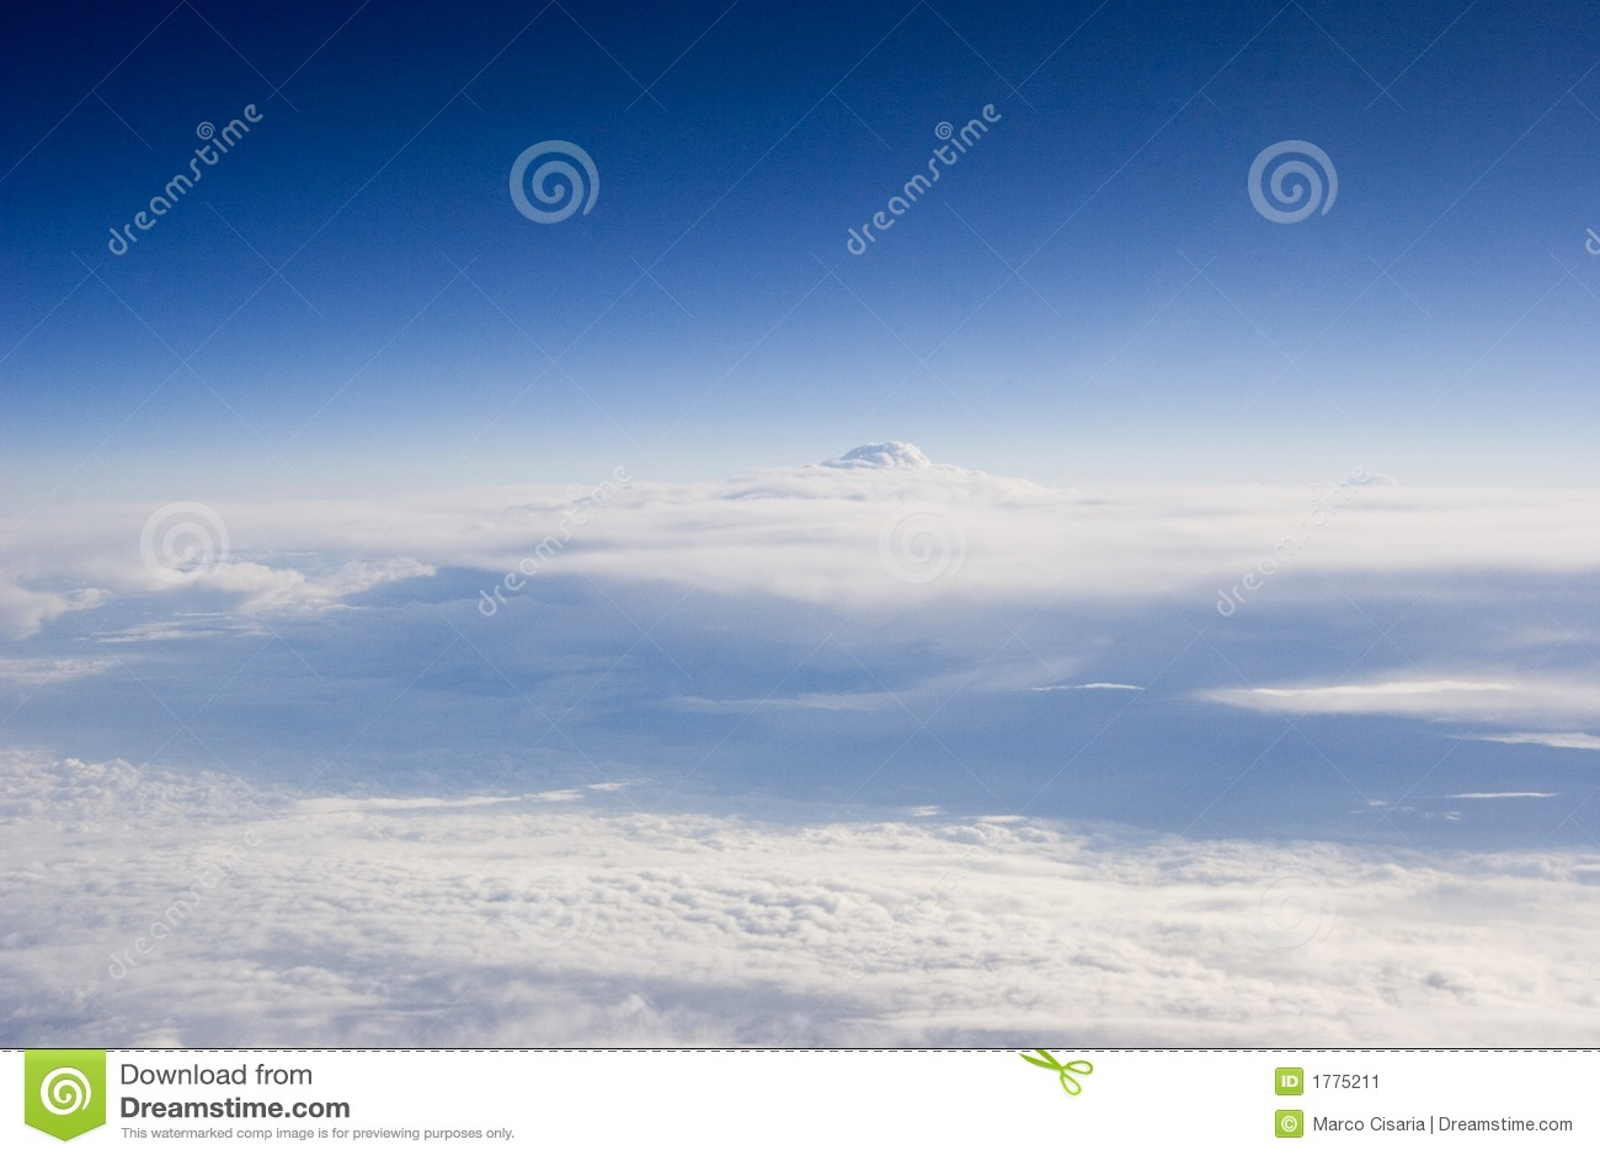 Paisagem do céu